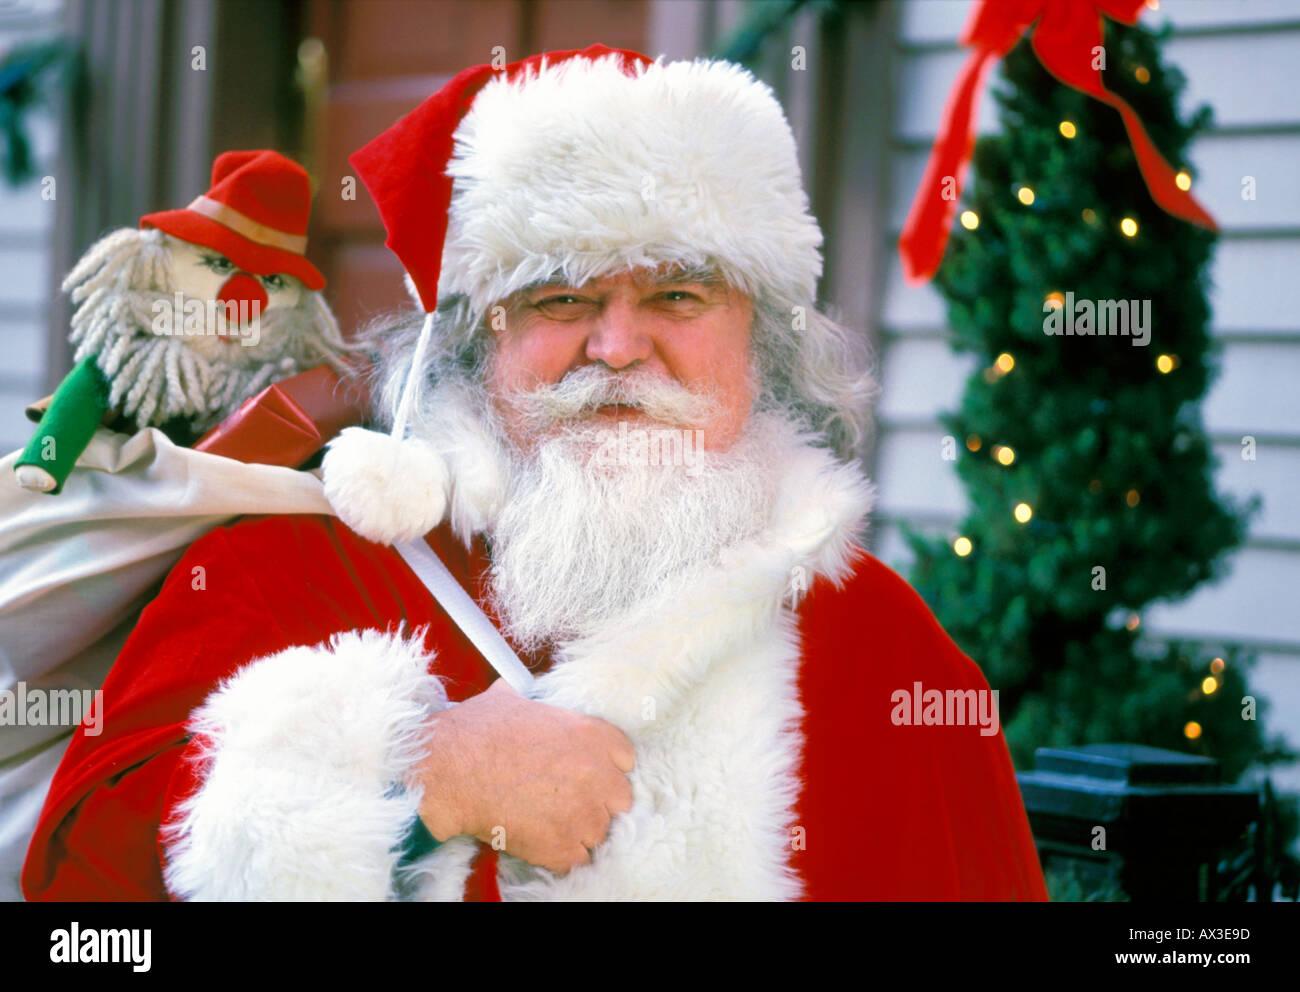 Christmas Santa Claus with small Santa - Stock Image